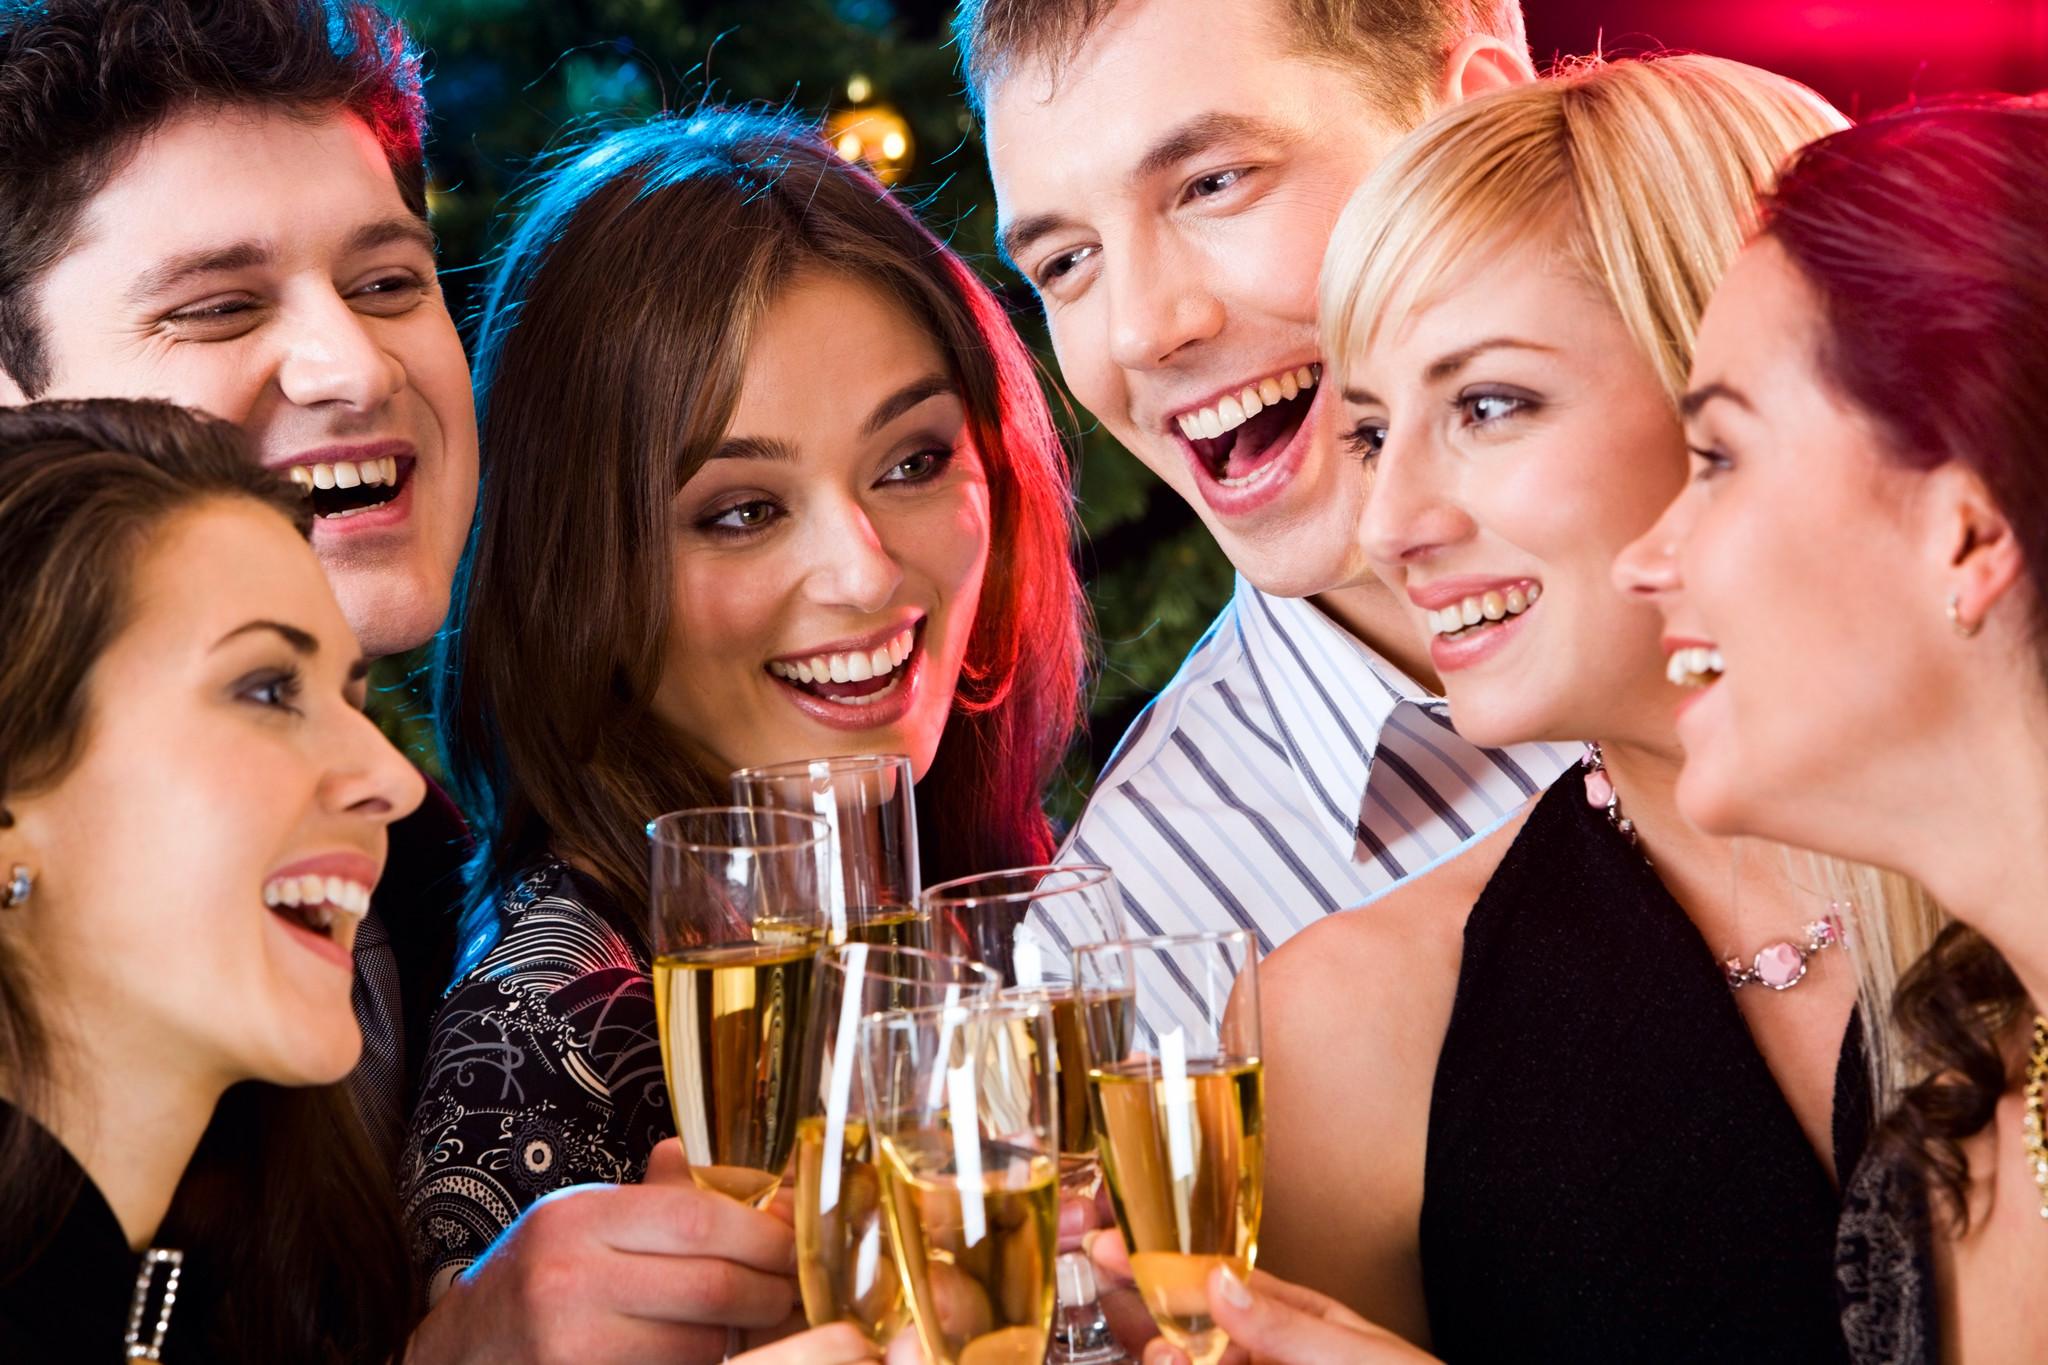 Открытки хорошо отдохнуть на вечеринке, поздравления для тещи